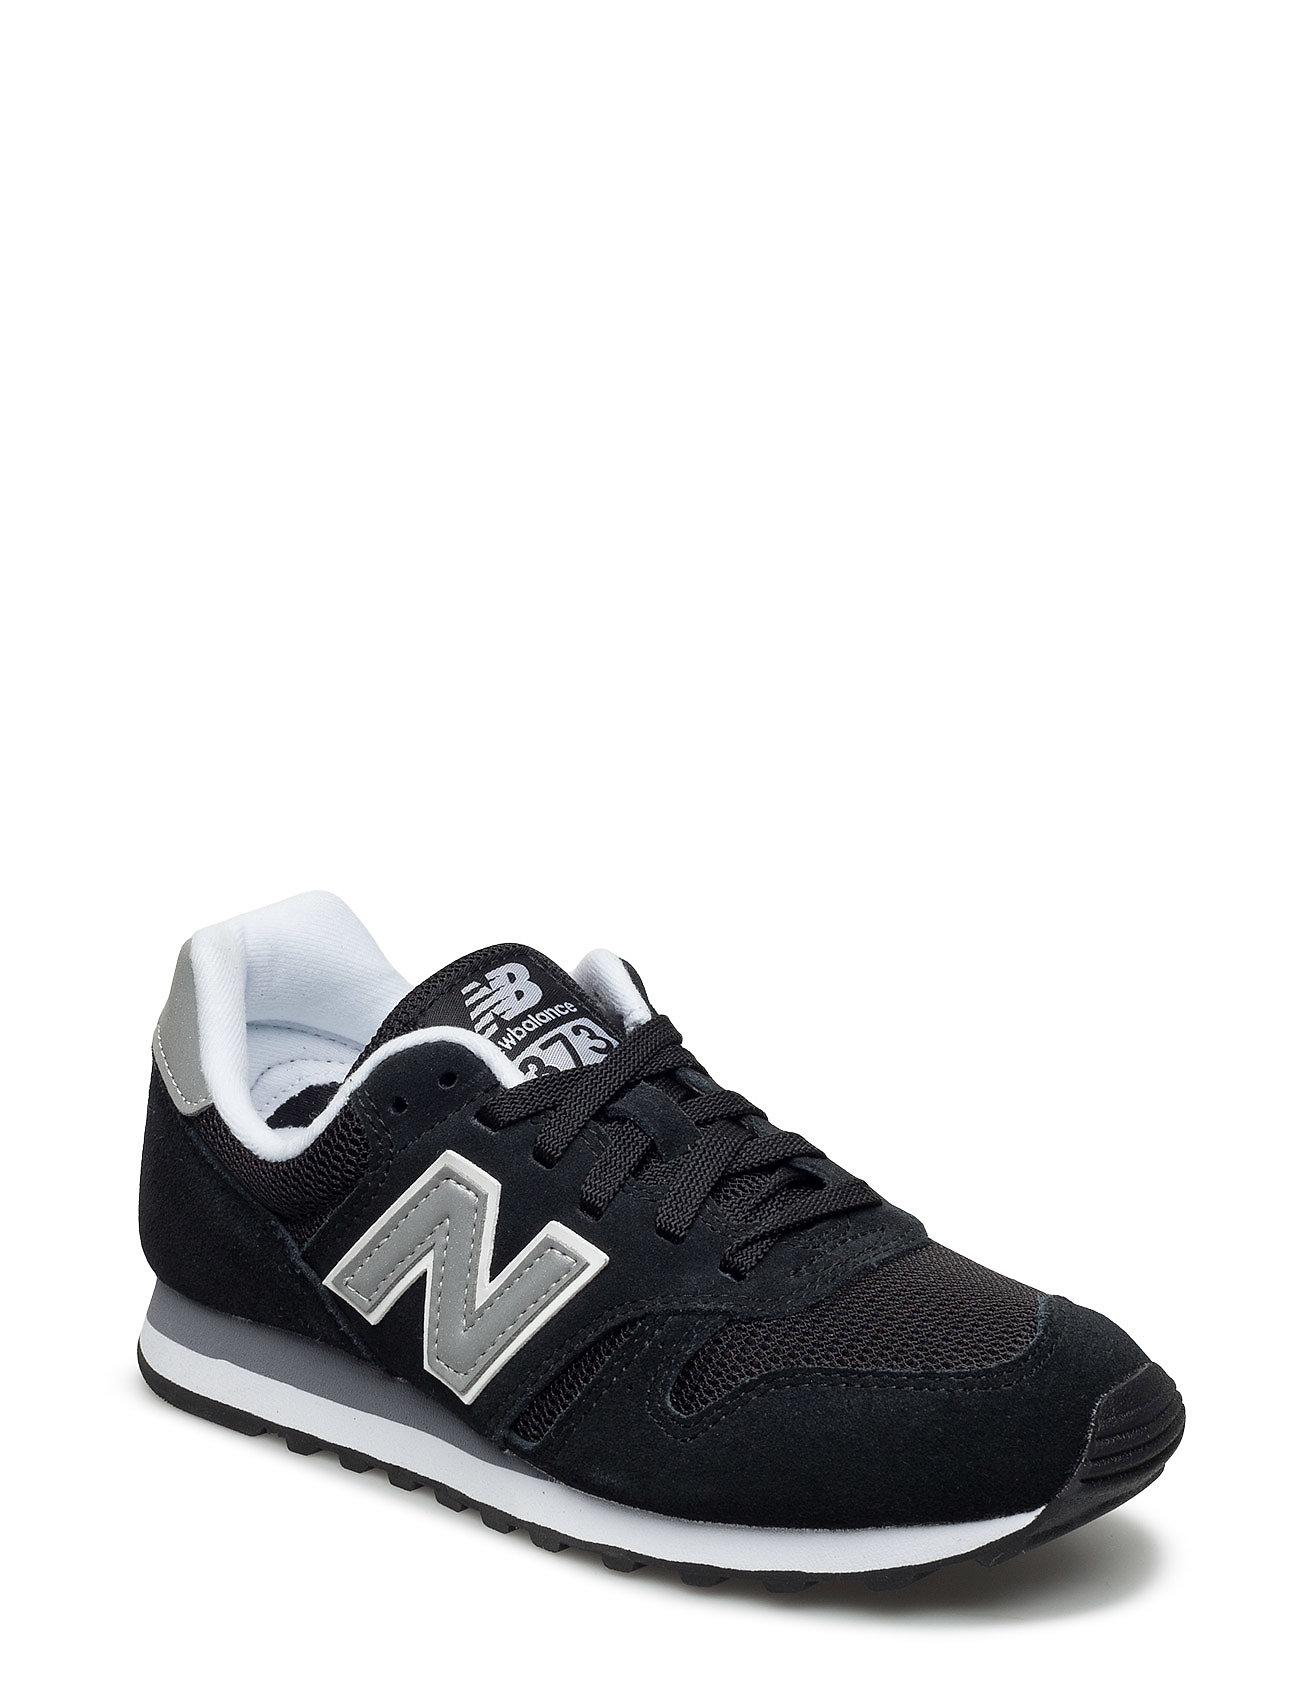 Ml373gre New Balance Sneakers til Herrer i Grå